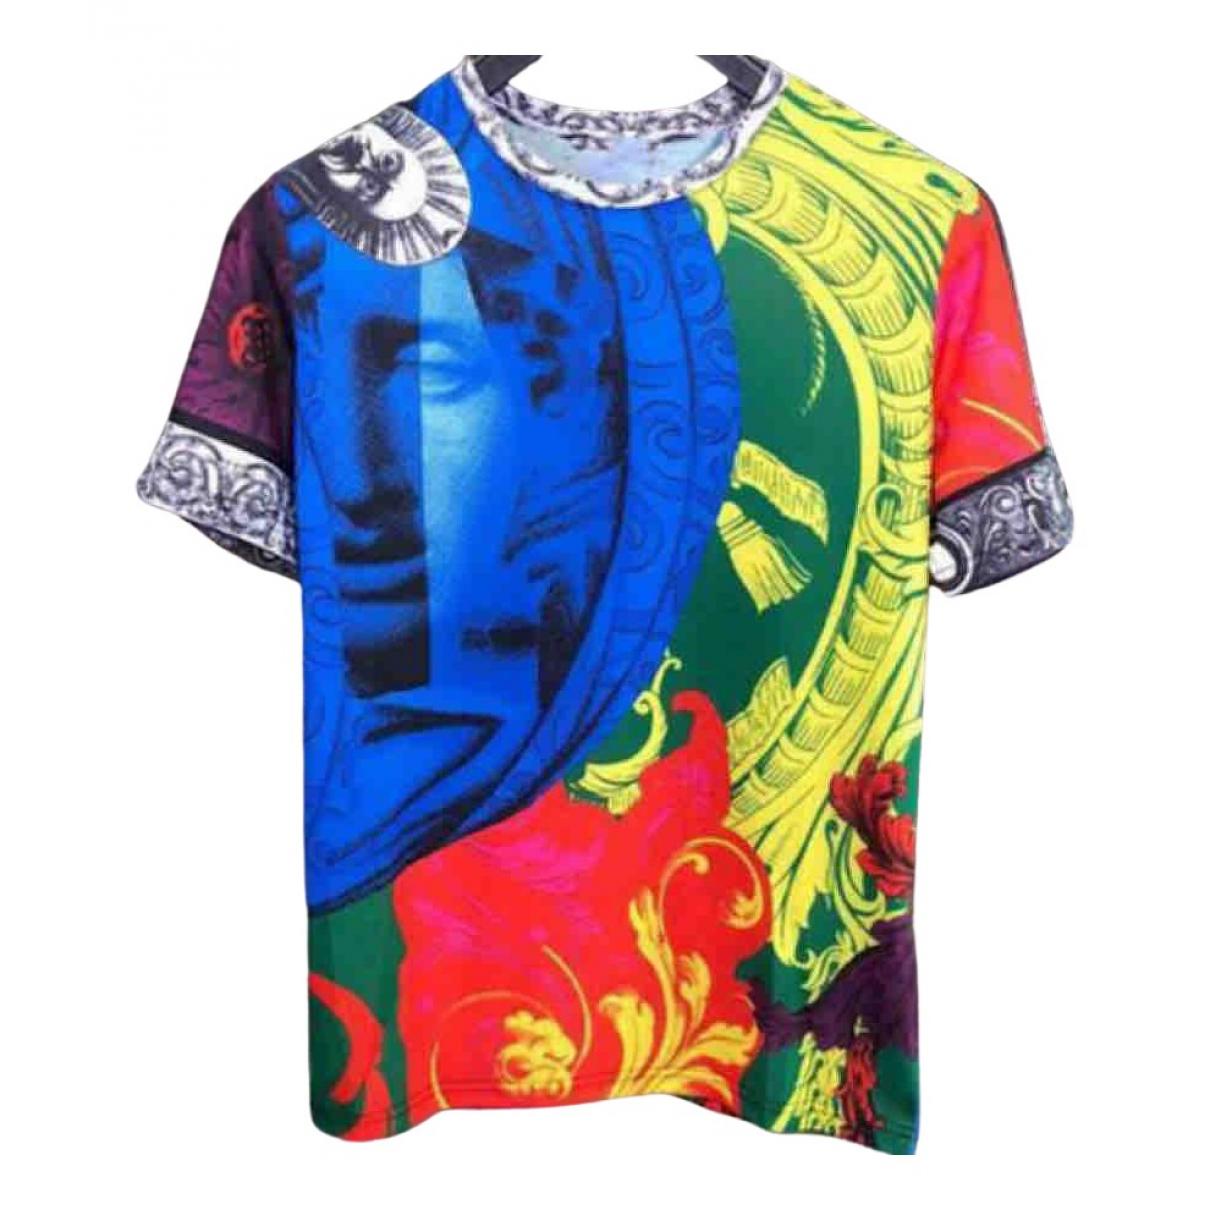 Versace - Tee shirts   pour homme en coton - multicolore